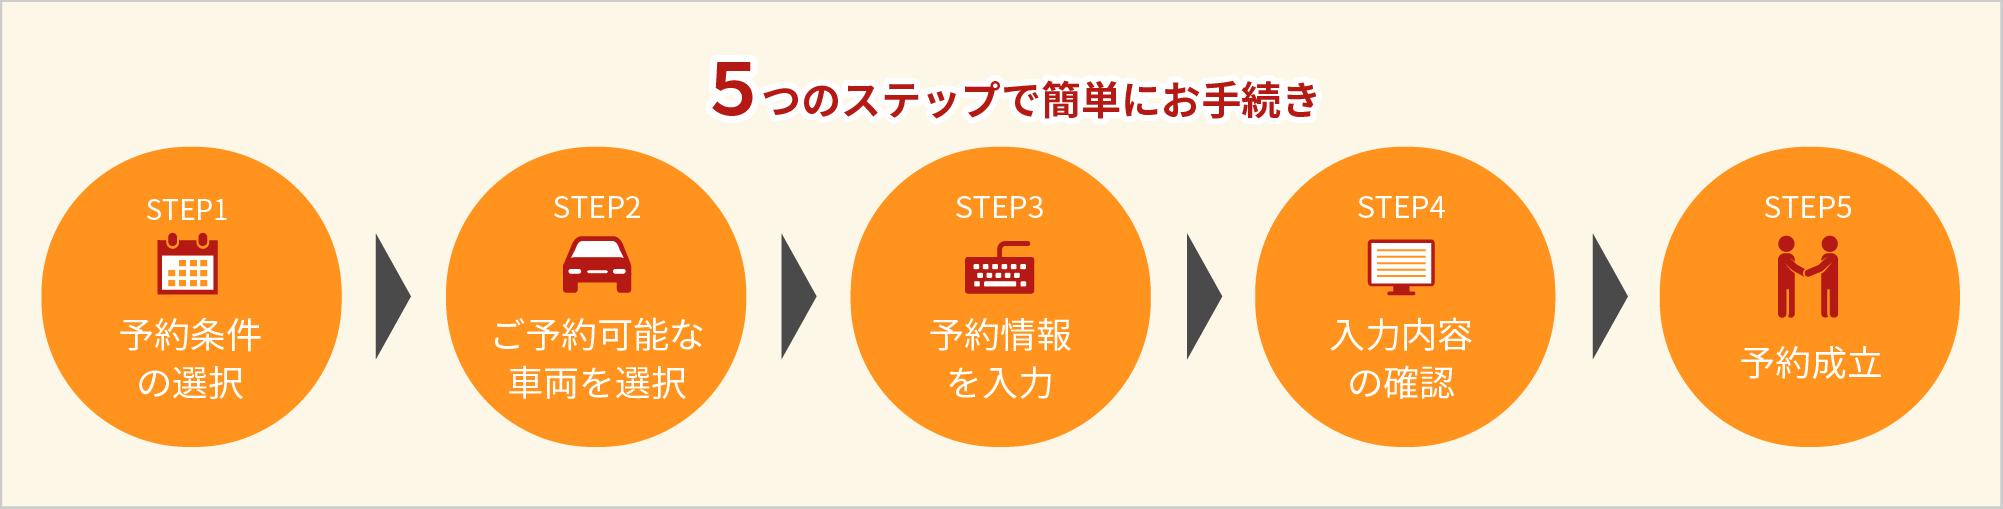 5つのステップで簡単にお手続き